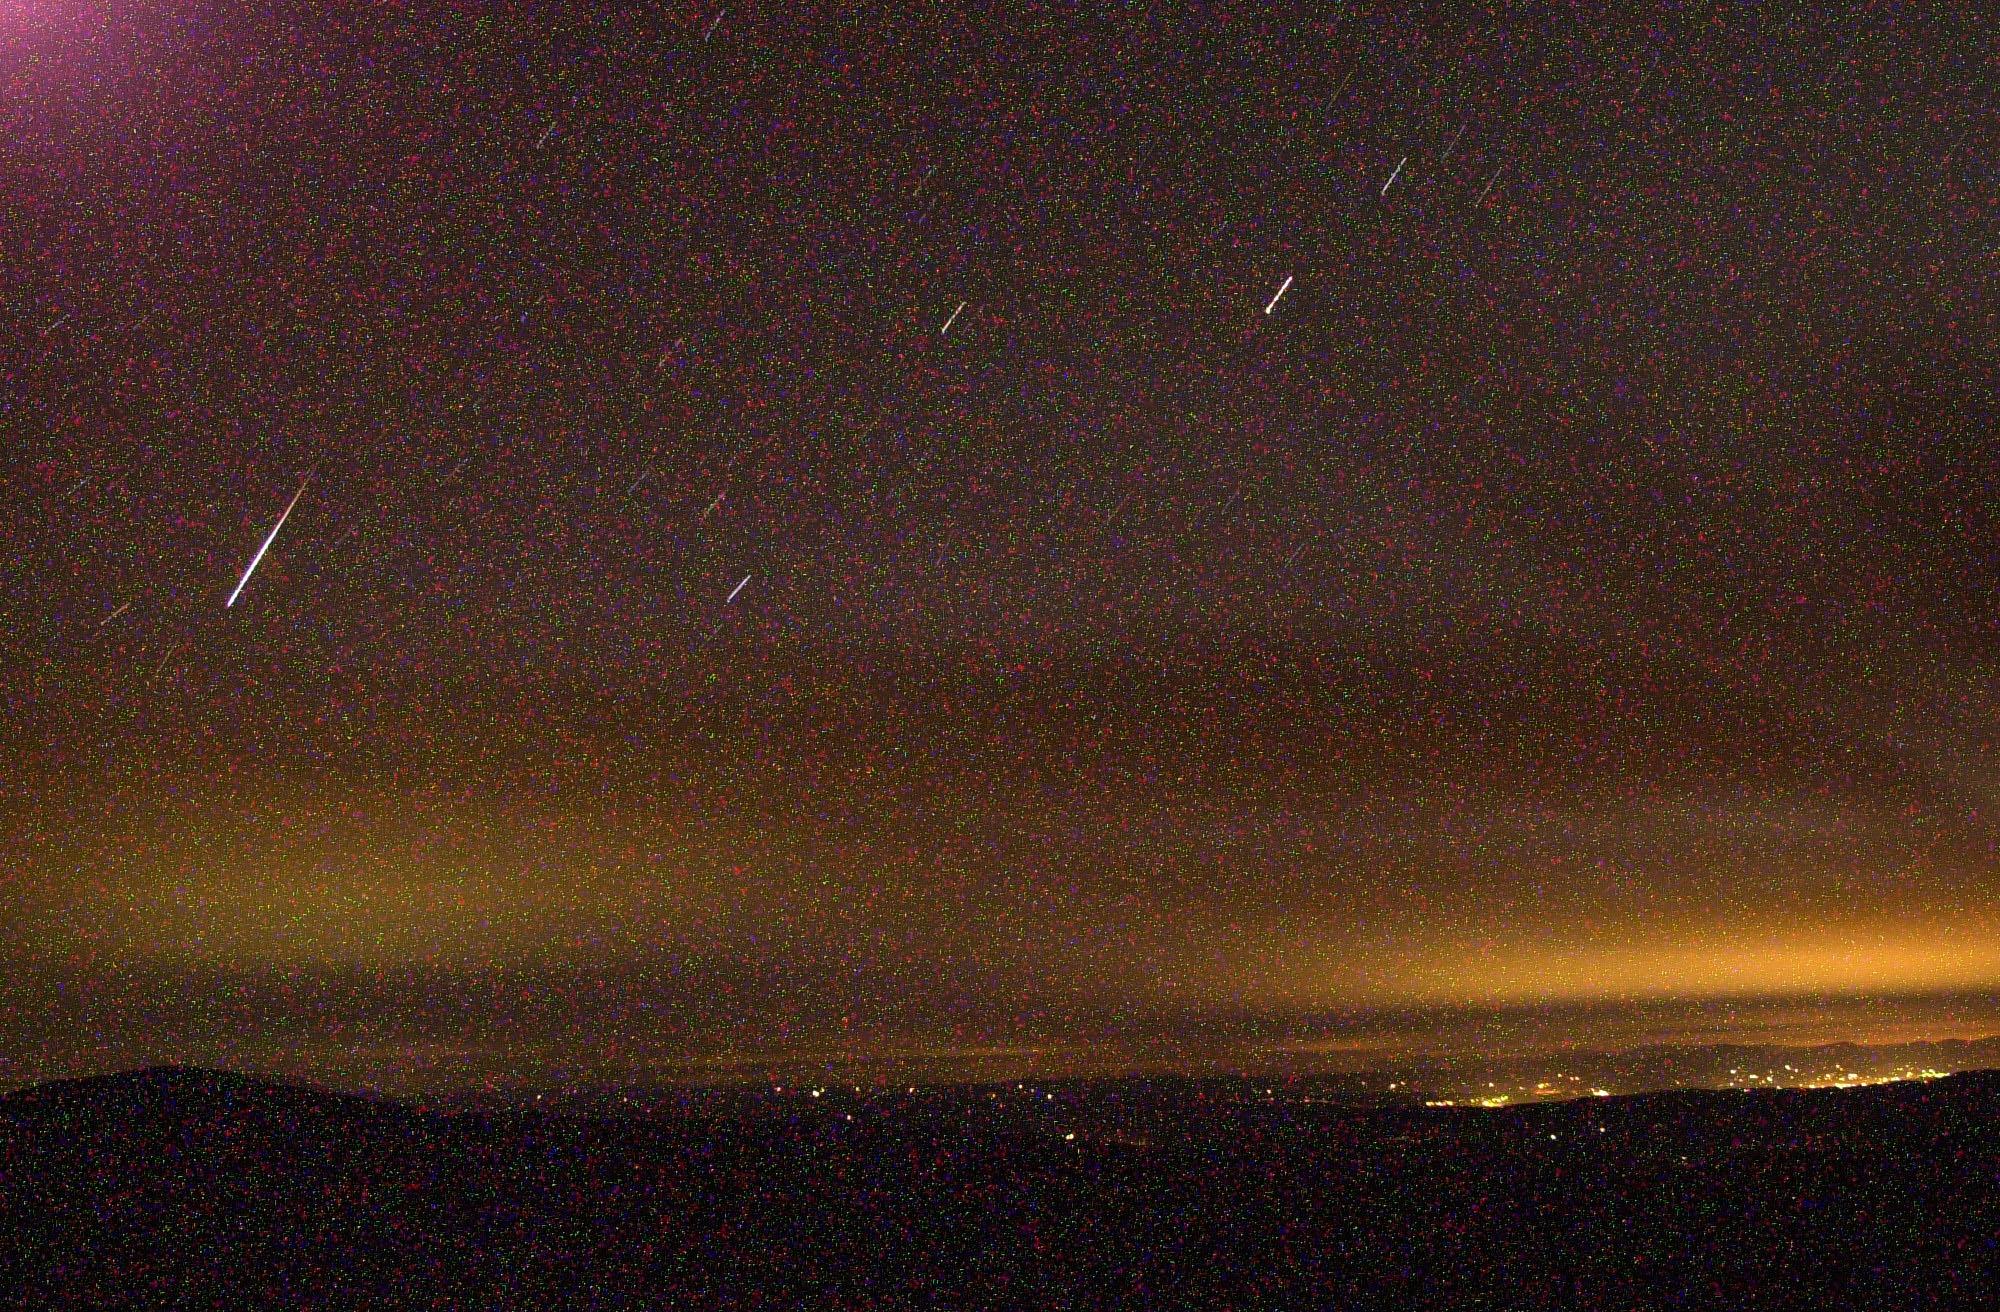 2001年11月18日,佛蒙特州一處出現獅子座流星雨。(美聯社)